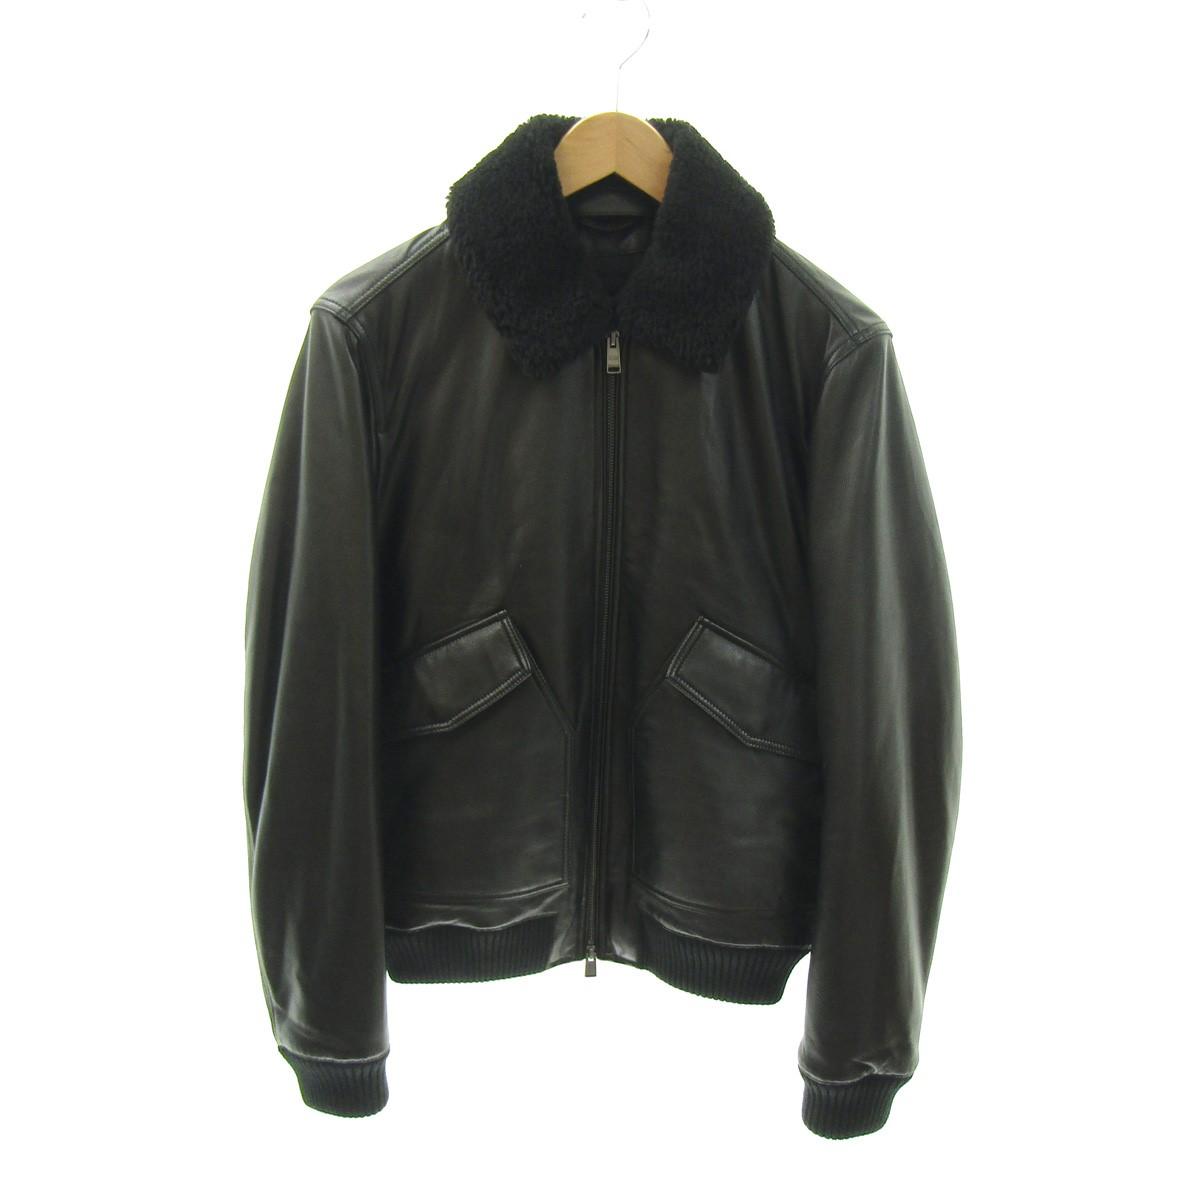 【中古】HUGO BOSS ボアレザージャケット ブラック サイズ:44 【180720】(ヒューゴボス)